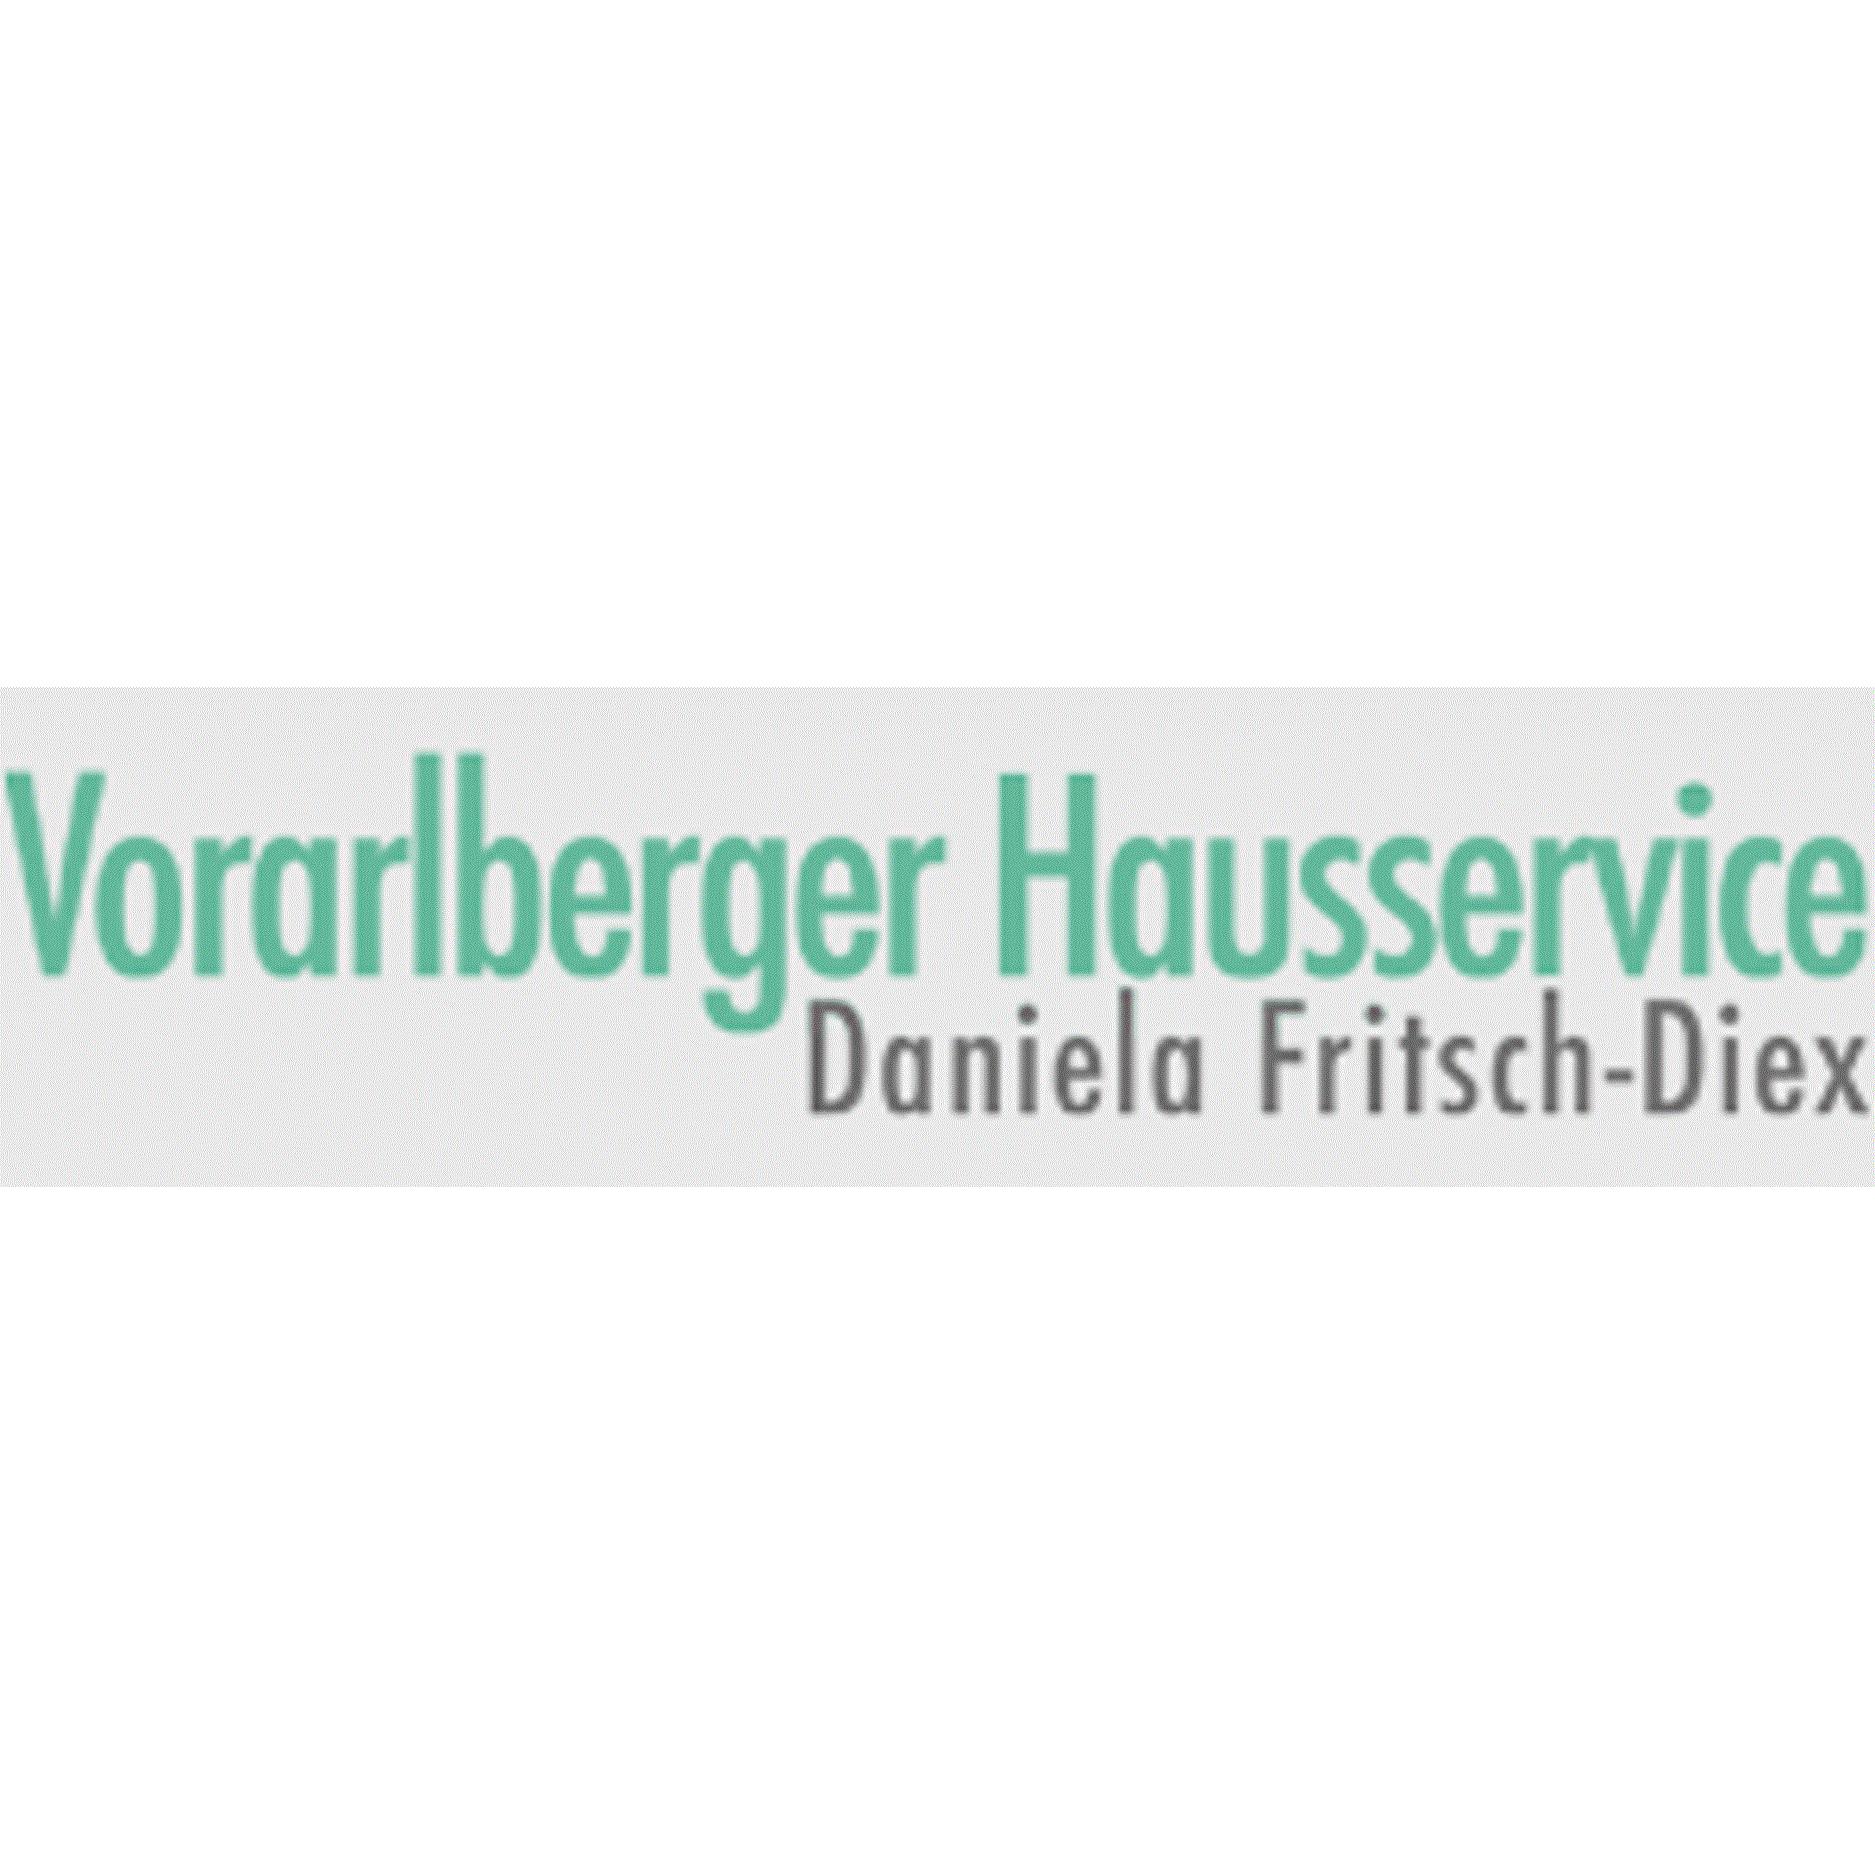 Vorarlberger Hausservice - Daniela Fritsch-Diex